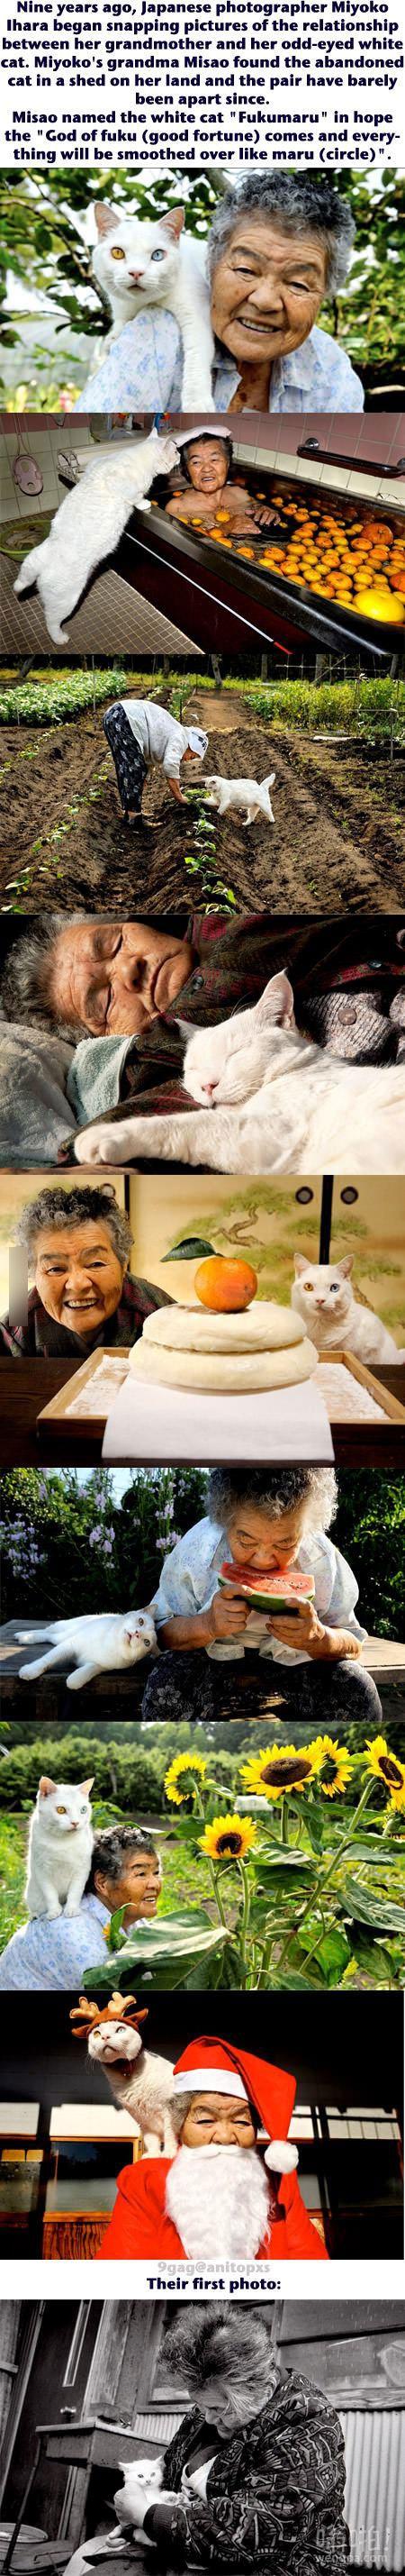 债券之间的祖母和她的鸳鸯眼白猫